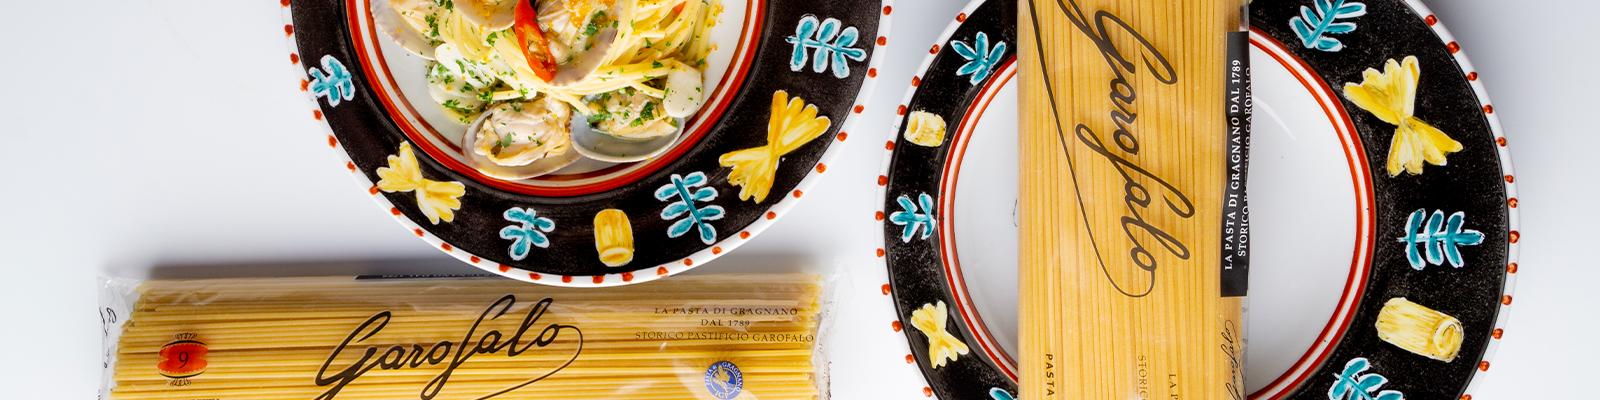 Viste tu mesa al estilo Amalfitano con los nuevos platos de Andrea Zarraluqui para Pasta Garofalo